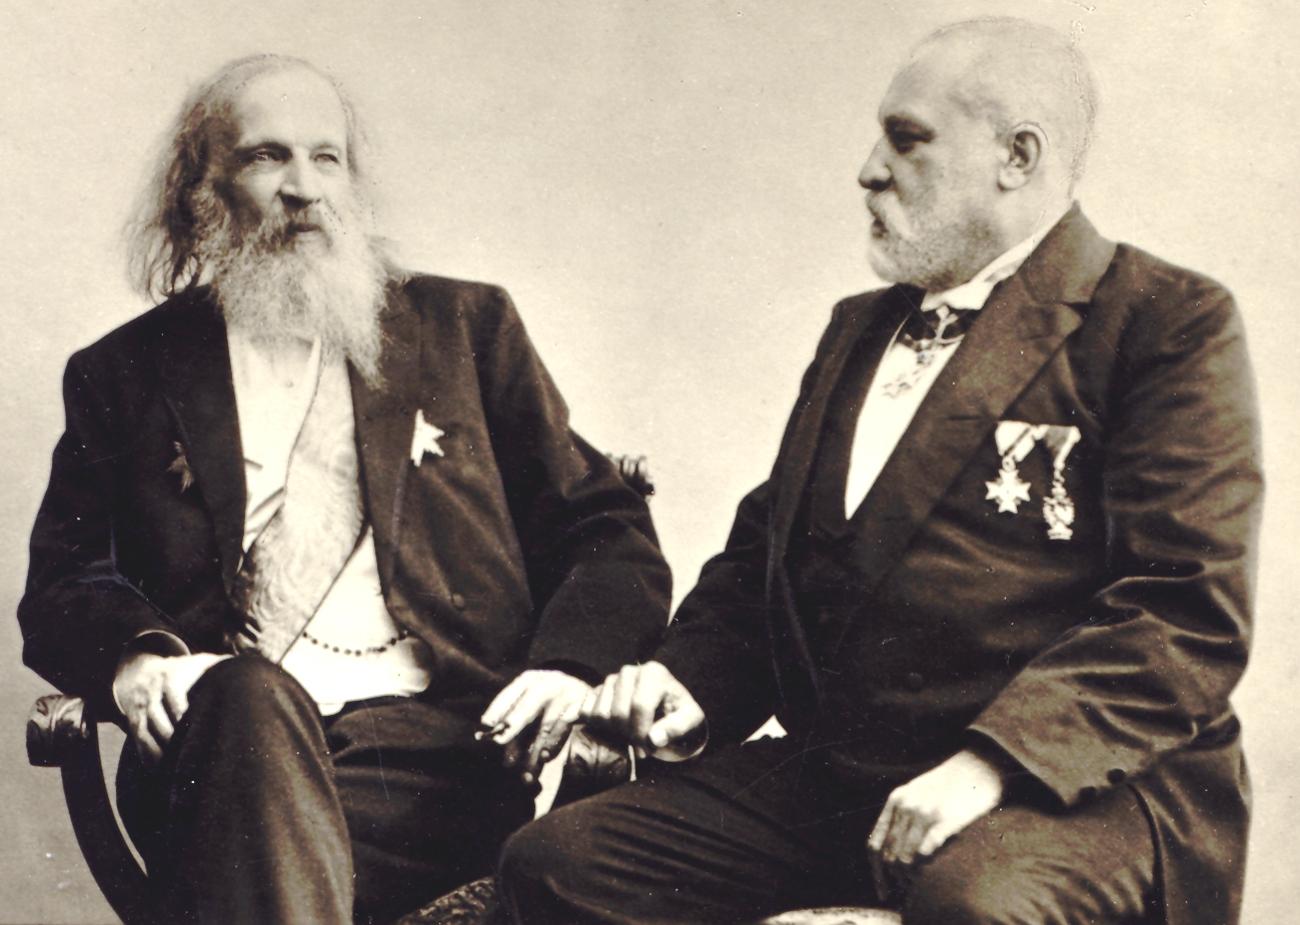 Интересно о Менделееве: топ-10 фактов из жизни великого русского химика